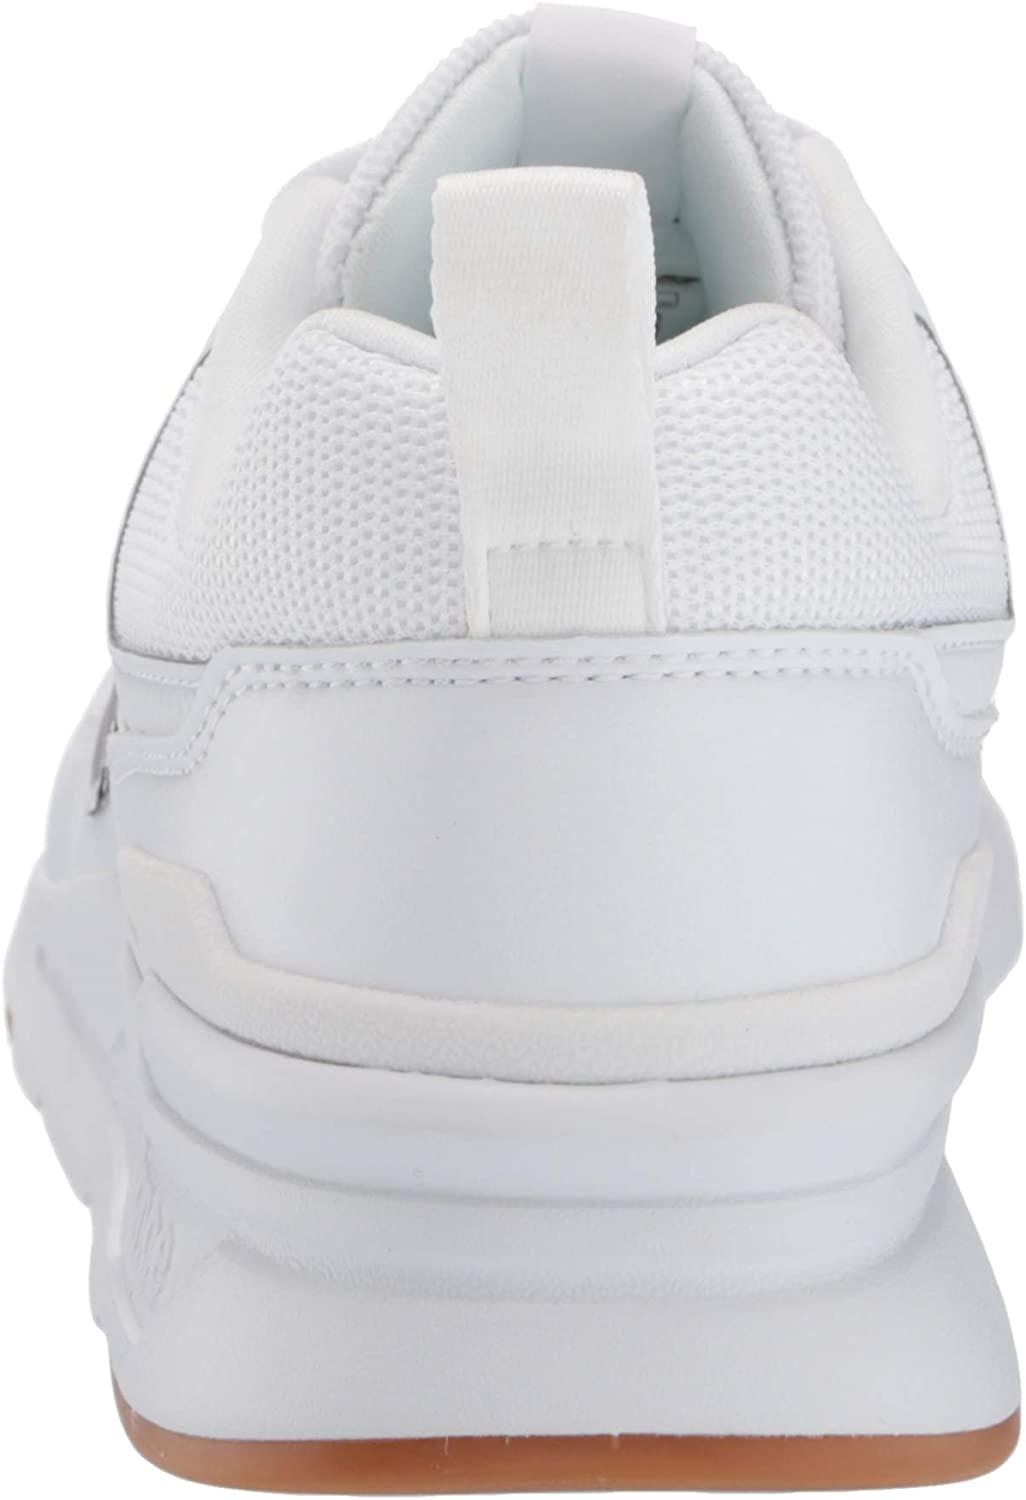 New Balance Womens 997h V1 Sneaker